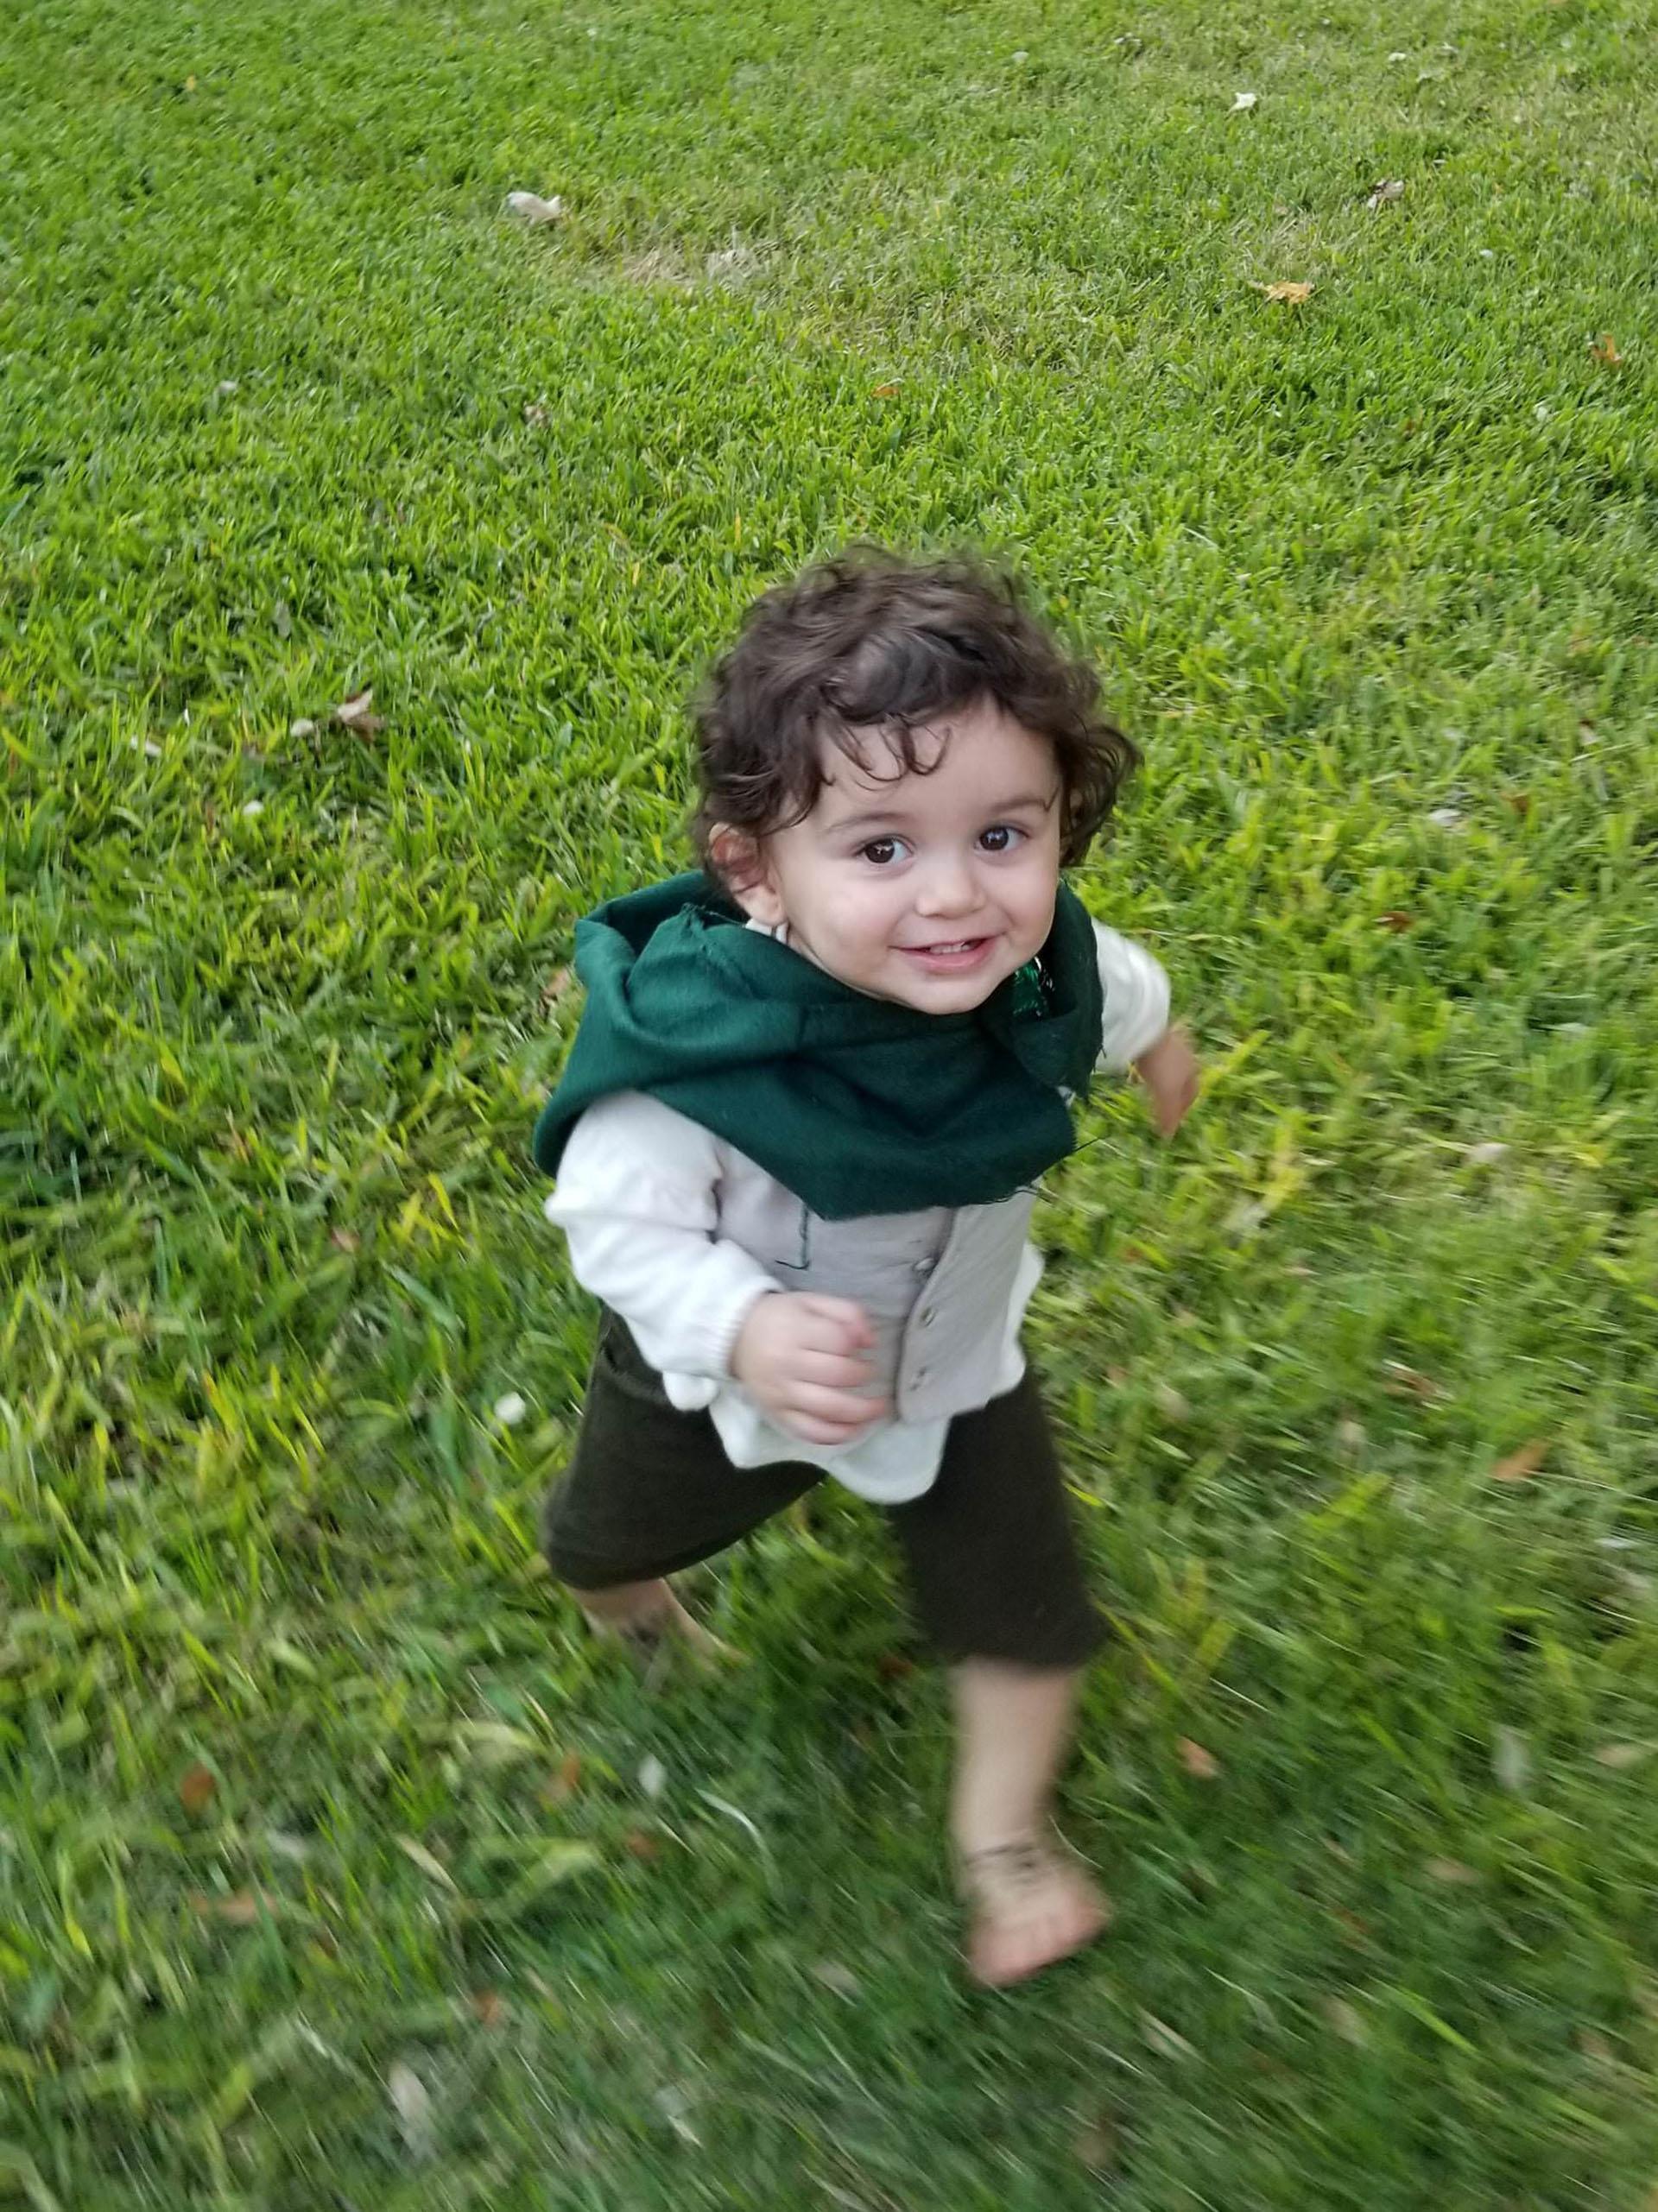 Una alegre versión de Frodo compartida por pabs21